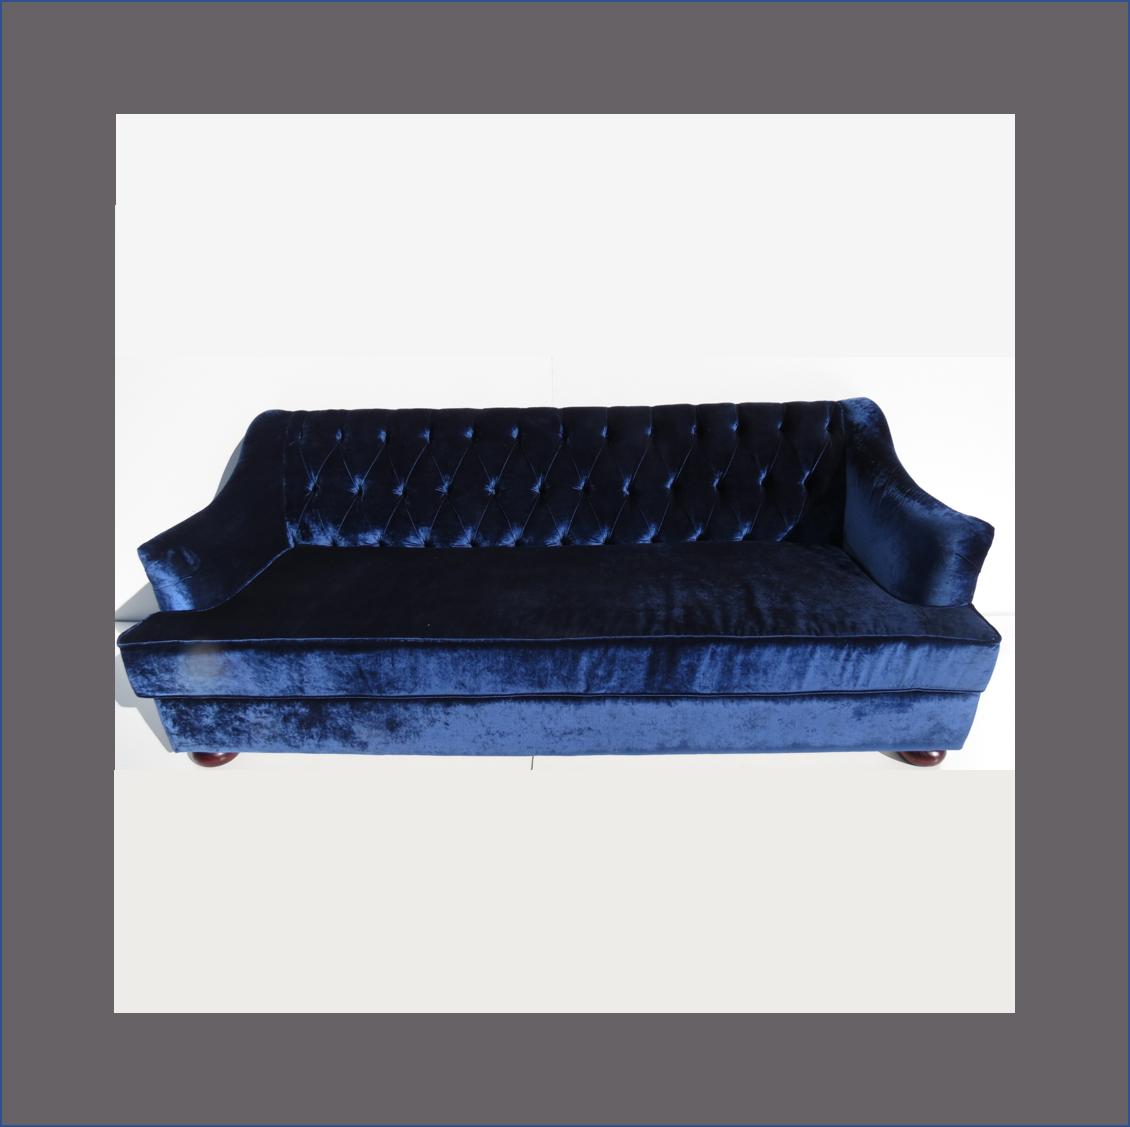 blue-velvet-chesterfield-couch